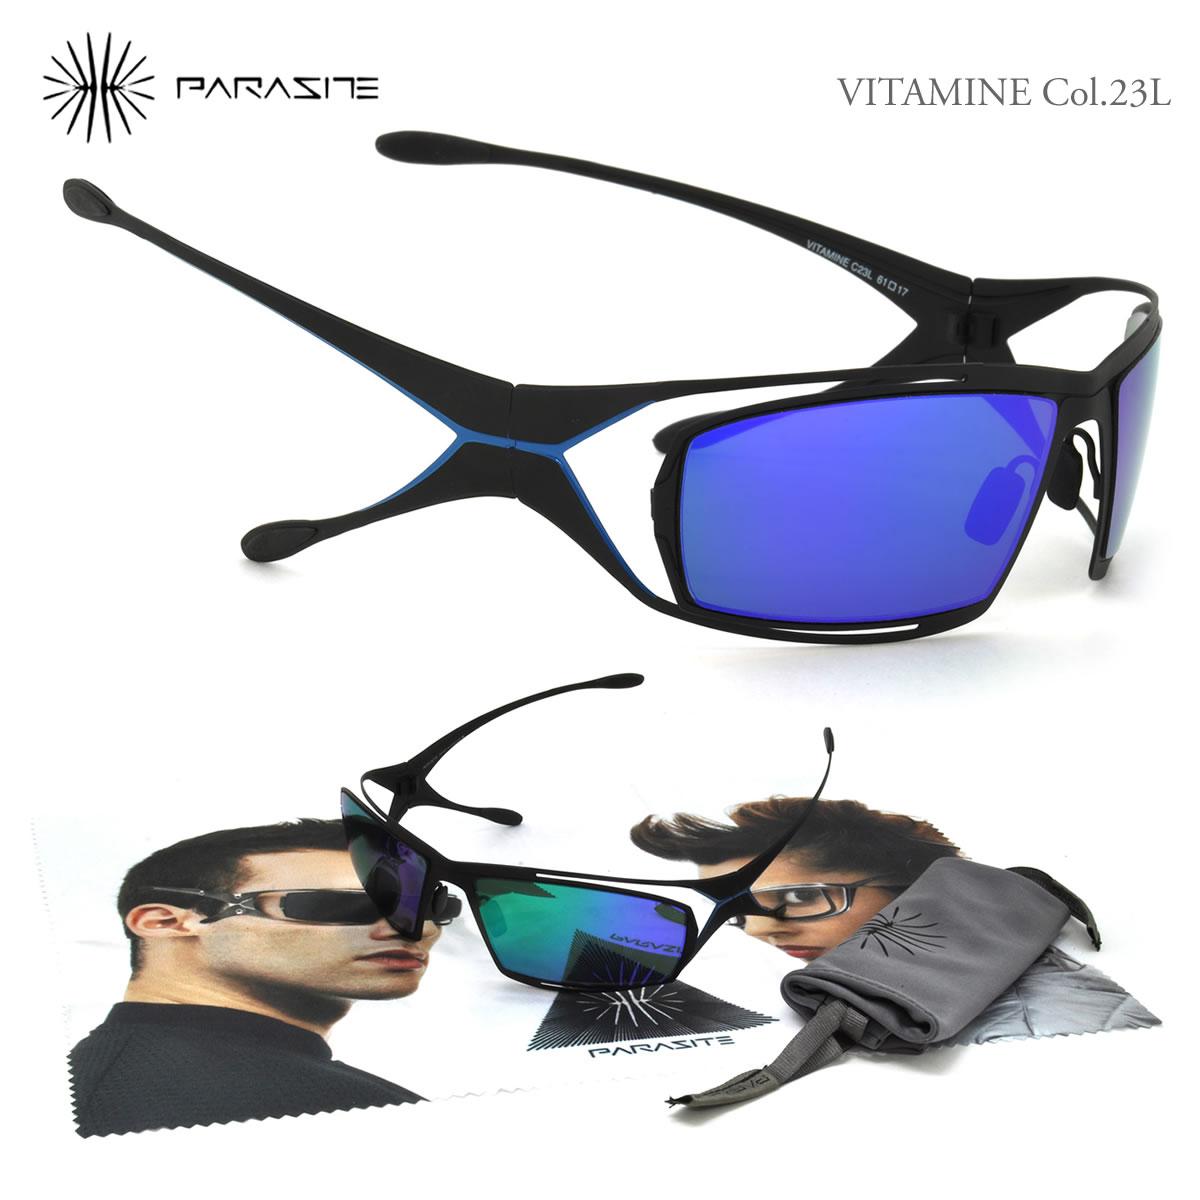 【パラサイト サングラス】PARASITE GRIP LIFE:顔に寄生するアイウェア!?VITAMINE C23L【あす楽対応】